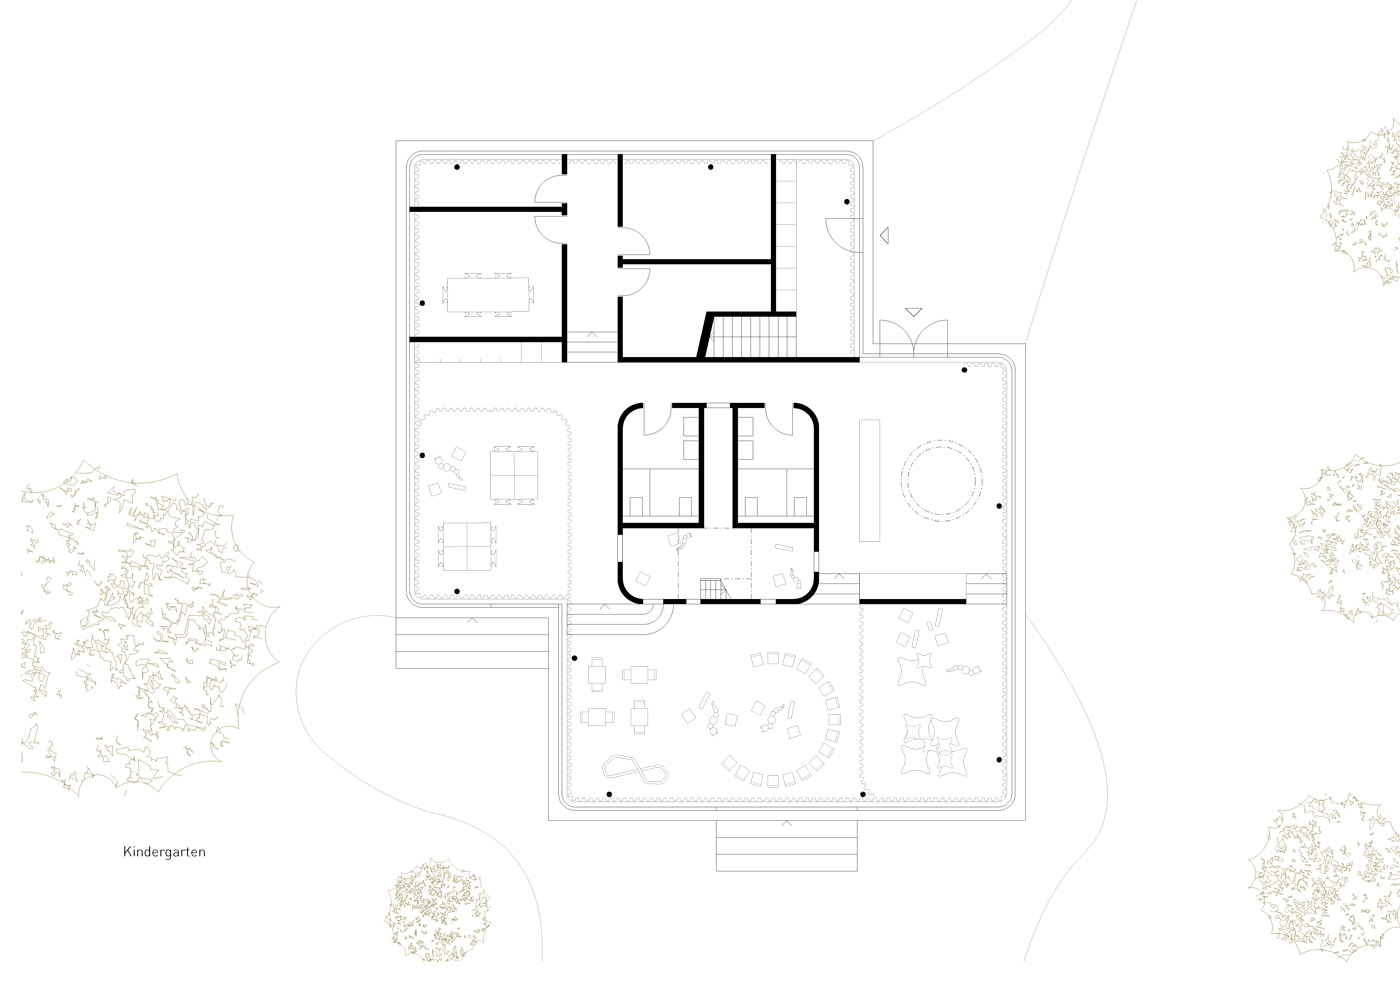 buan architekten – Schulanlage Erlen Emmenbrücke – Neubau Grundriss Kindergarten